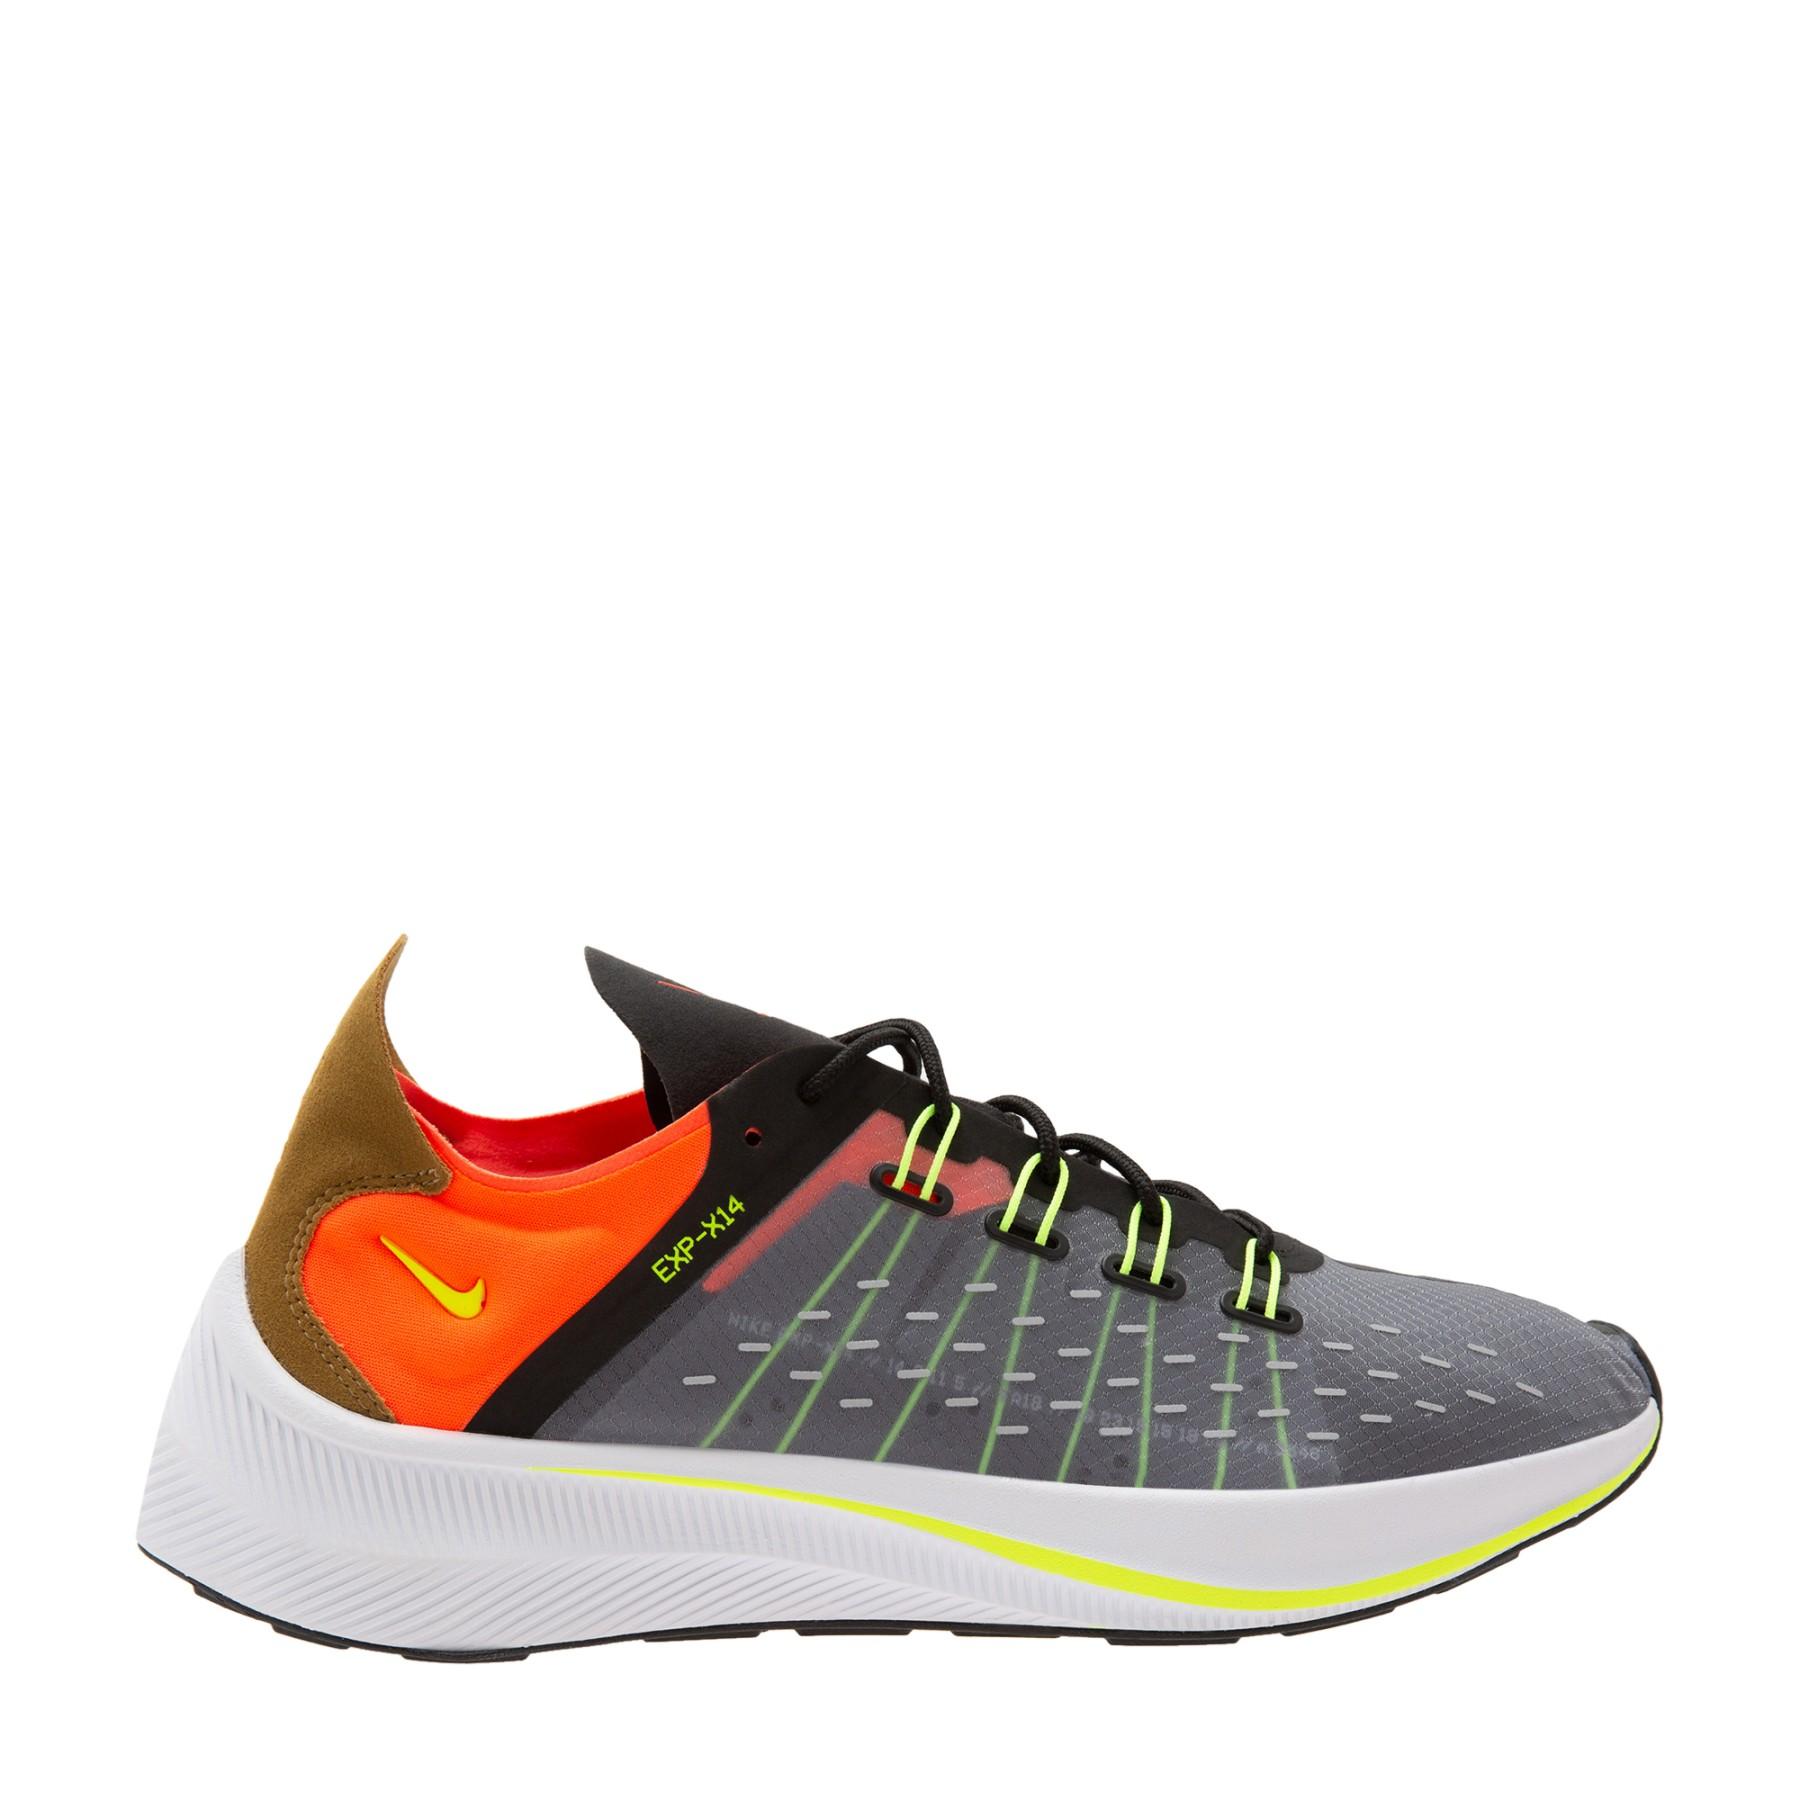 1800x1800 Nike Exp Sneakers For Men